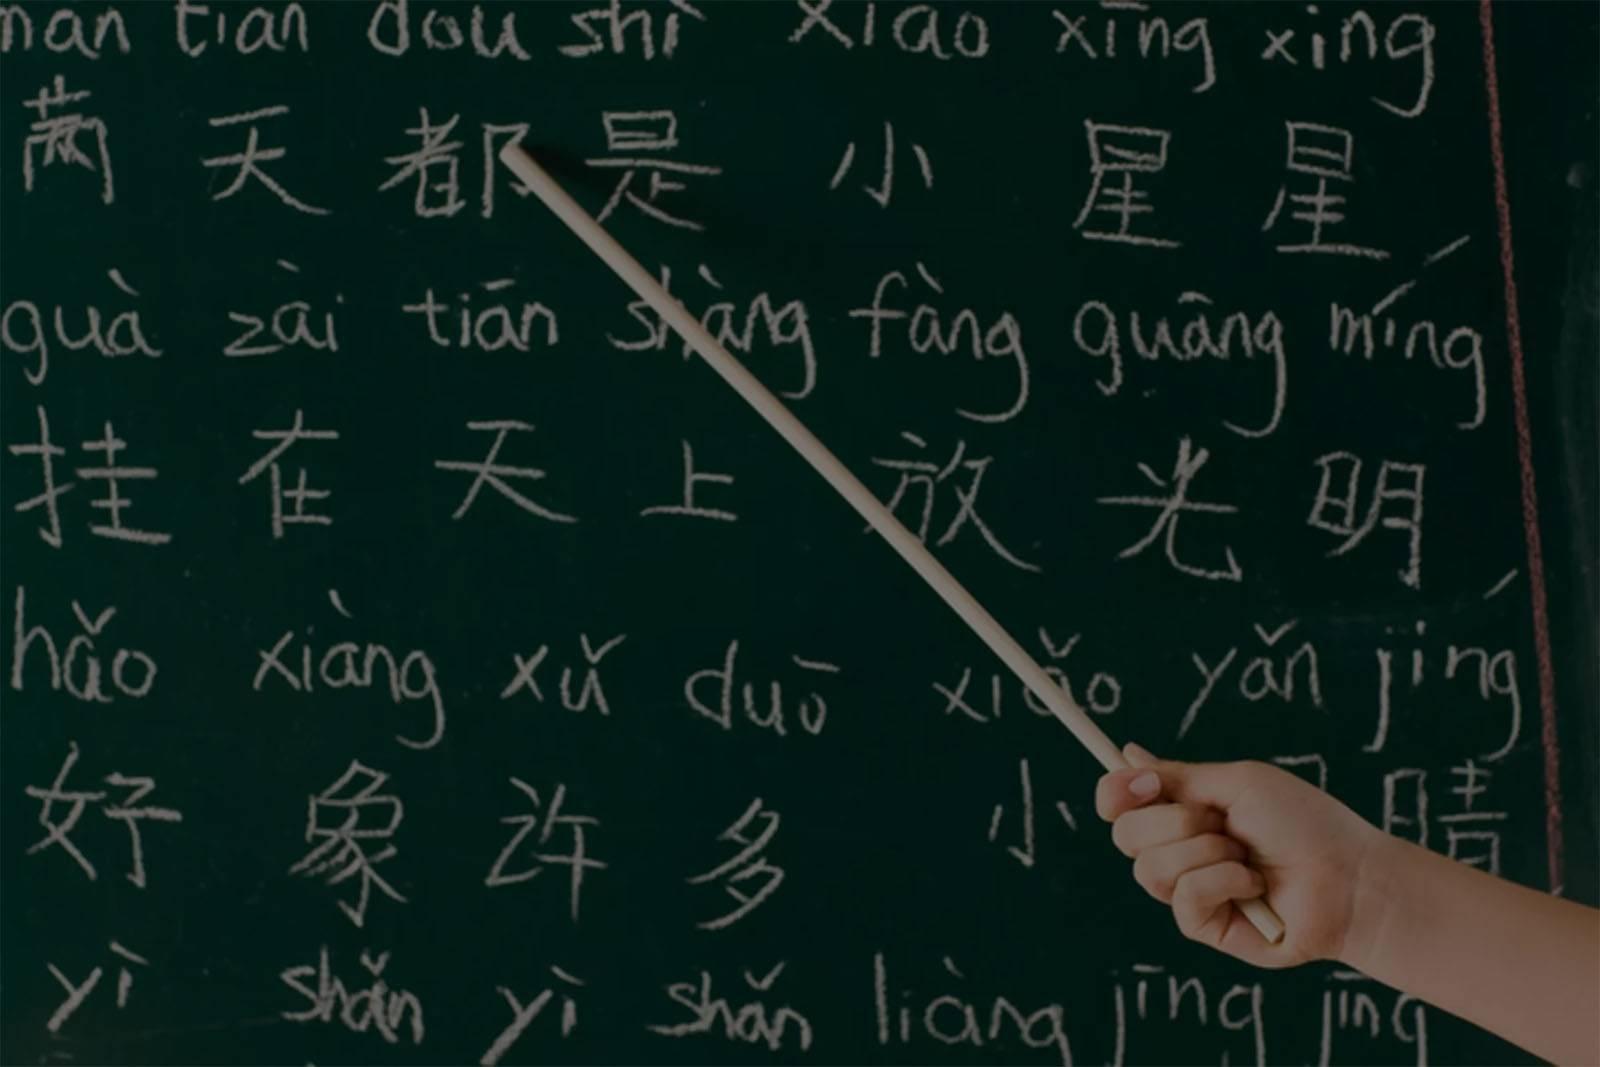 Как выучить китайский язык - wikihow